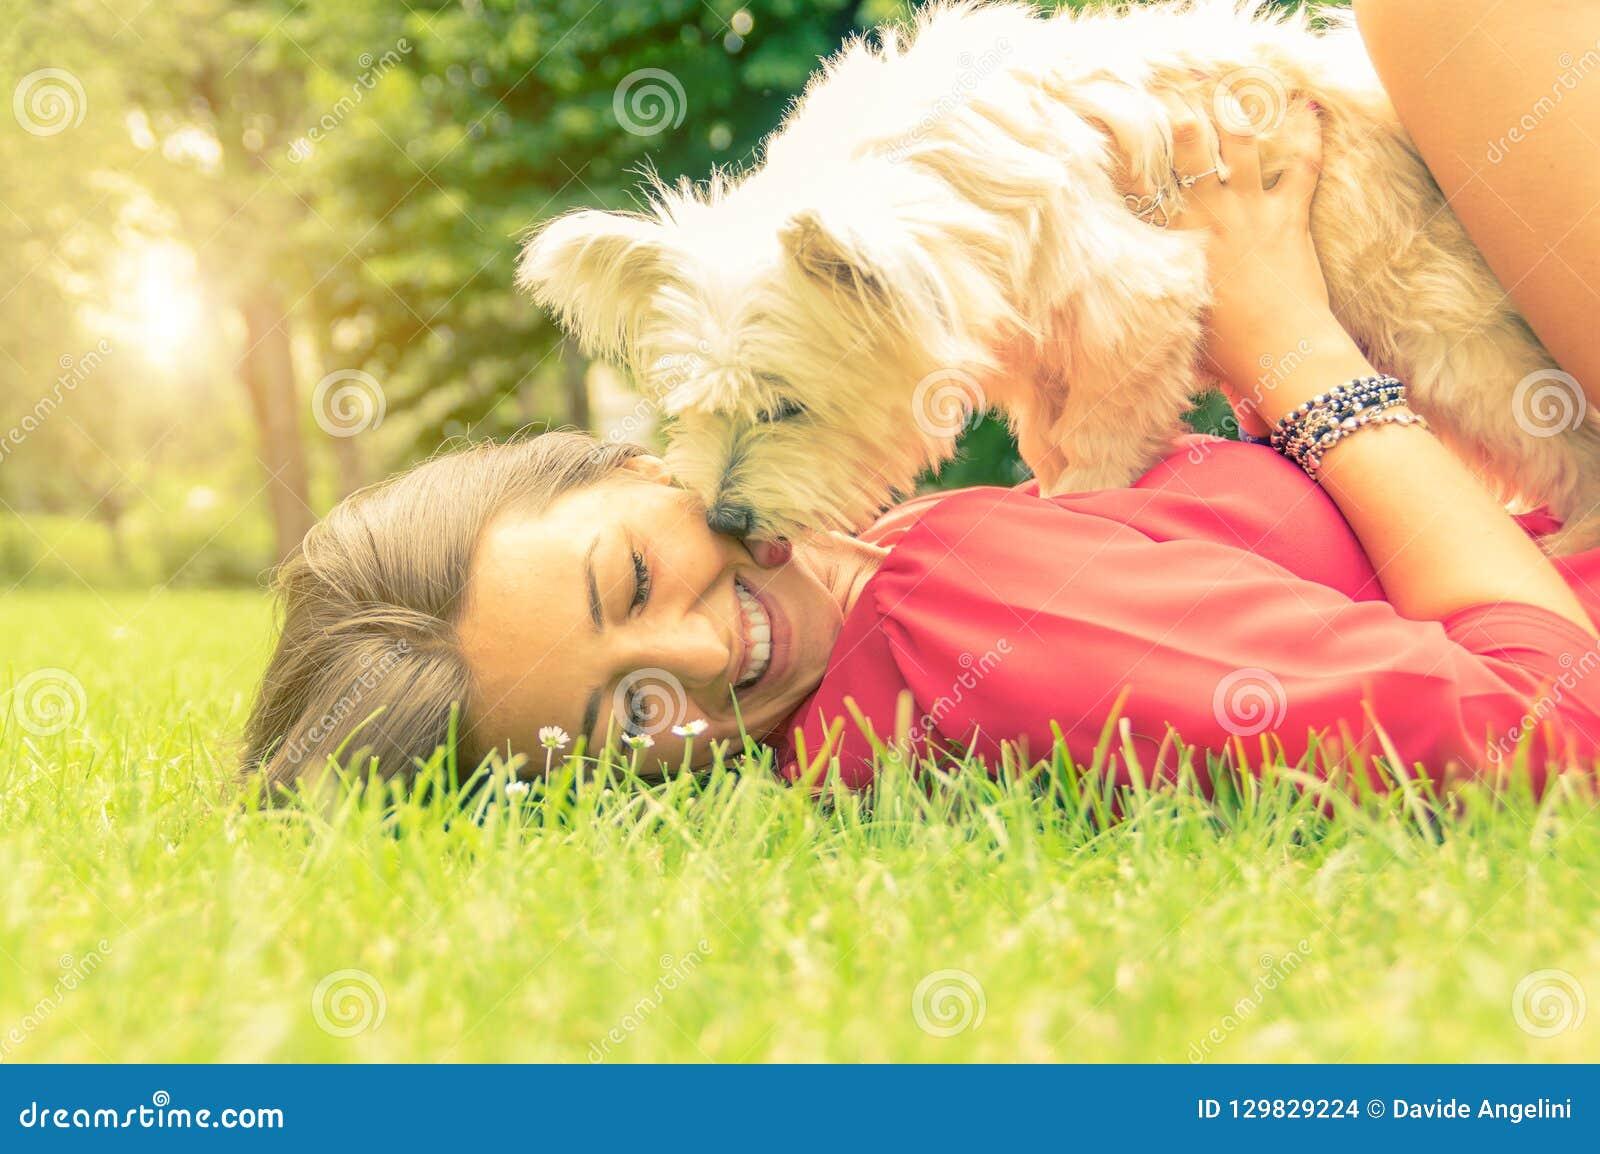 Förälskelse mellan människan och hunden